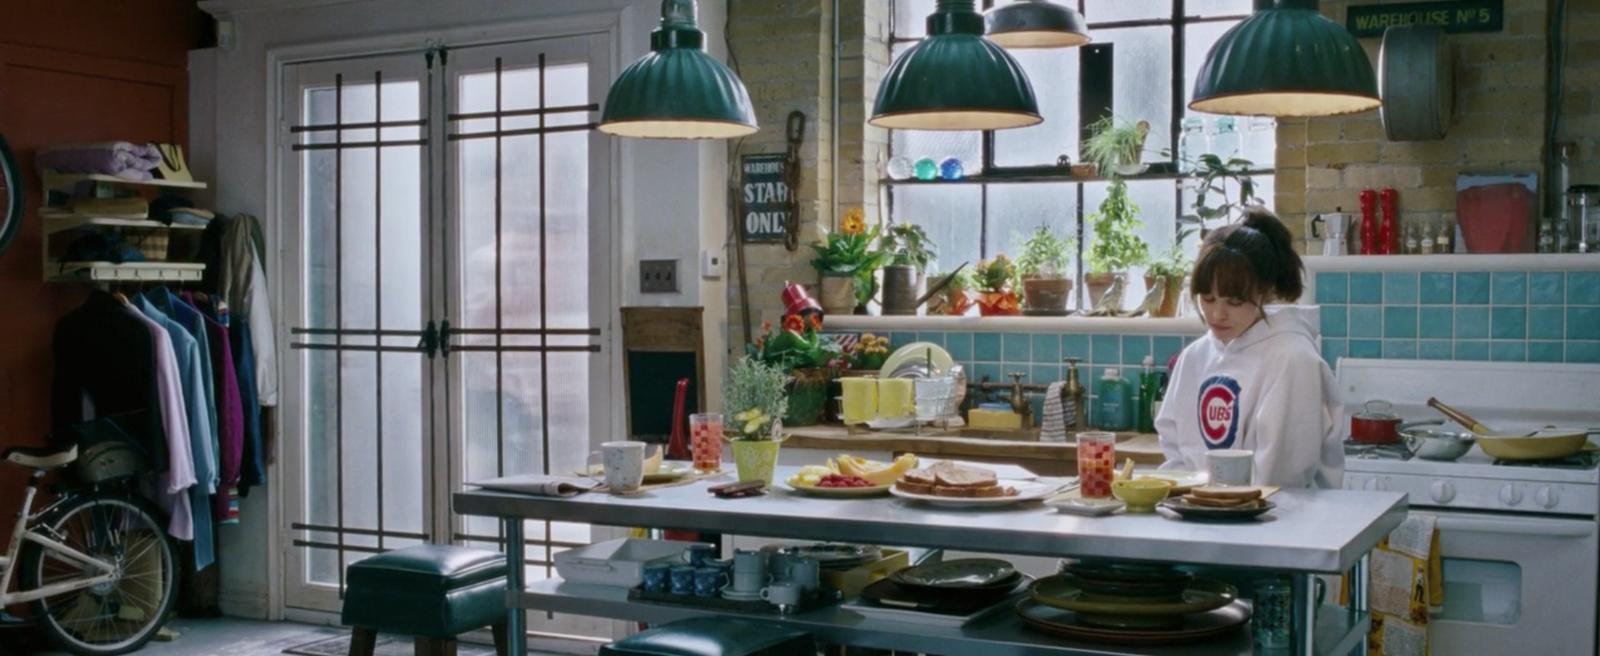 Najpiękniejsze filmowe kuchnie vol. 2